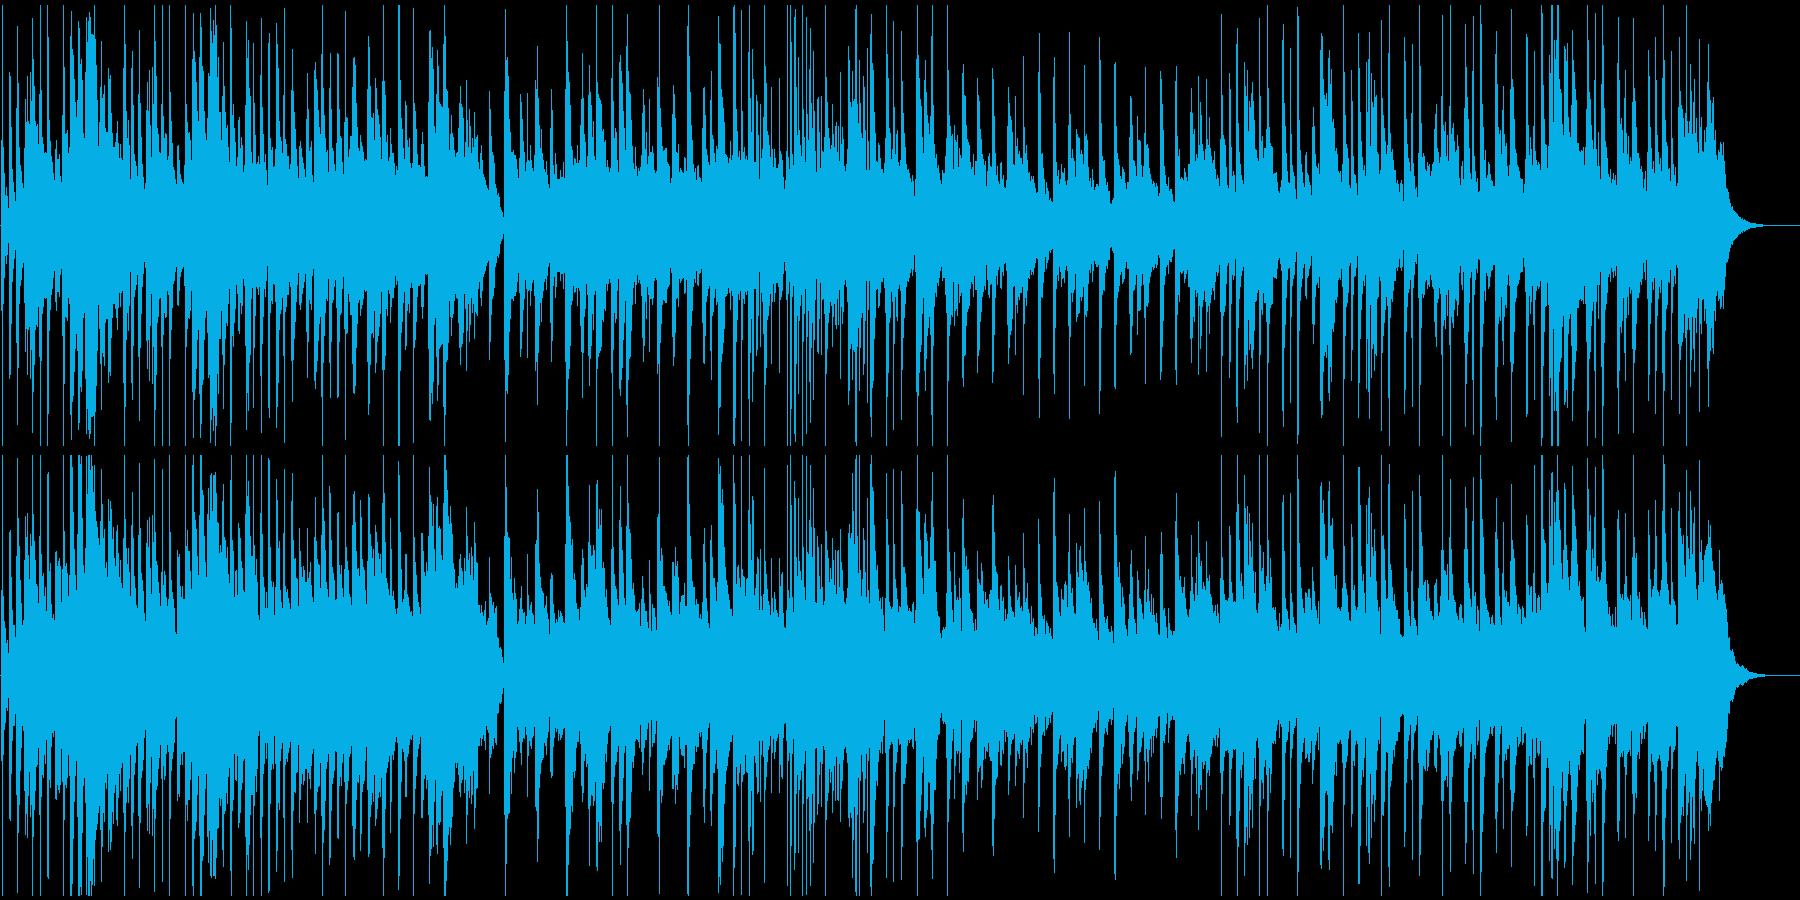 琴がメインの穏やかな和風の曲の再生済みの波形